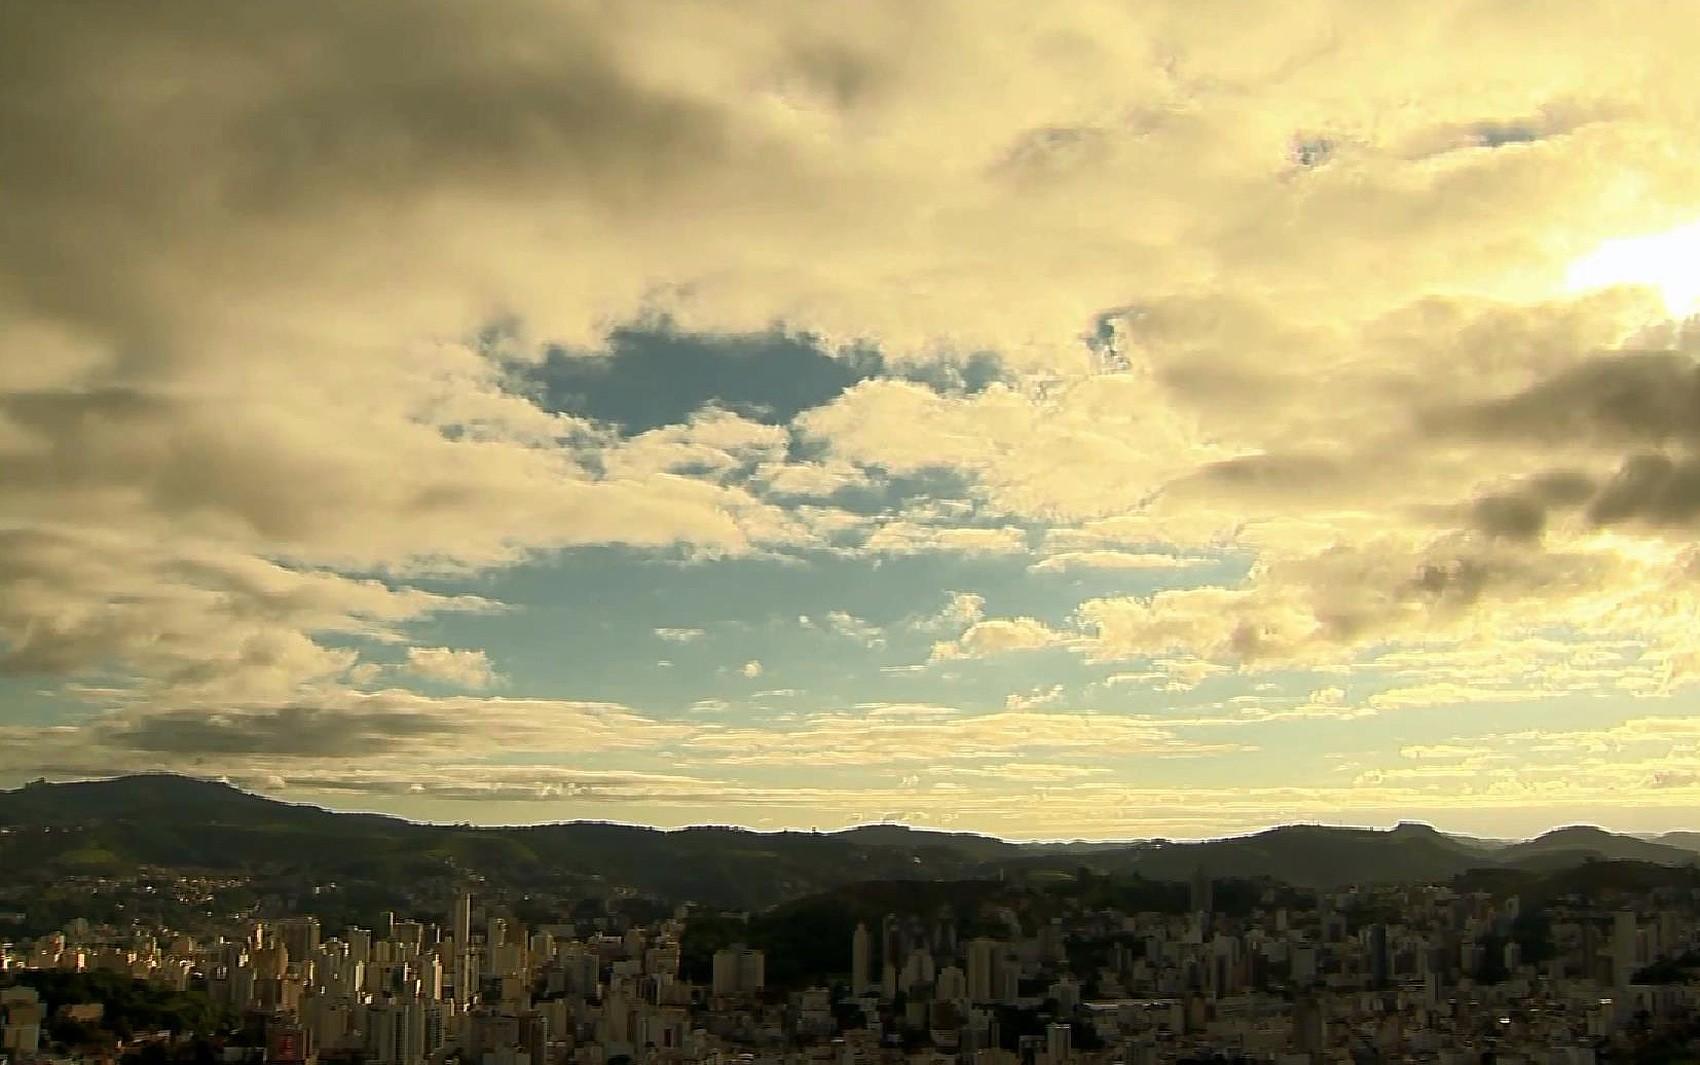 Semana será de céu nublado e chuva nas cidades da Zona da Mata e do Campo das Vertentes